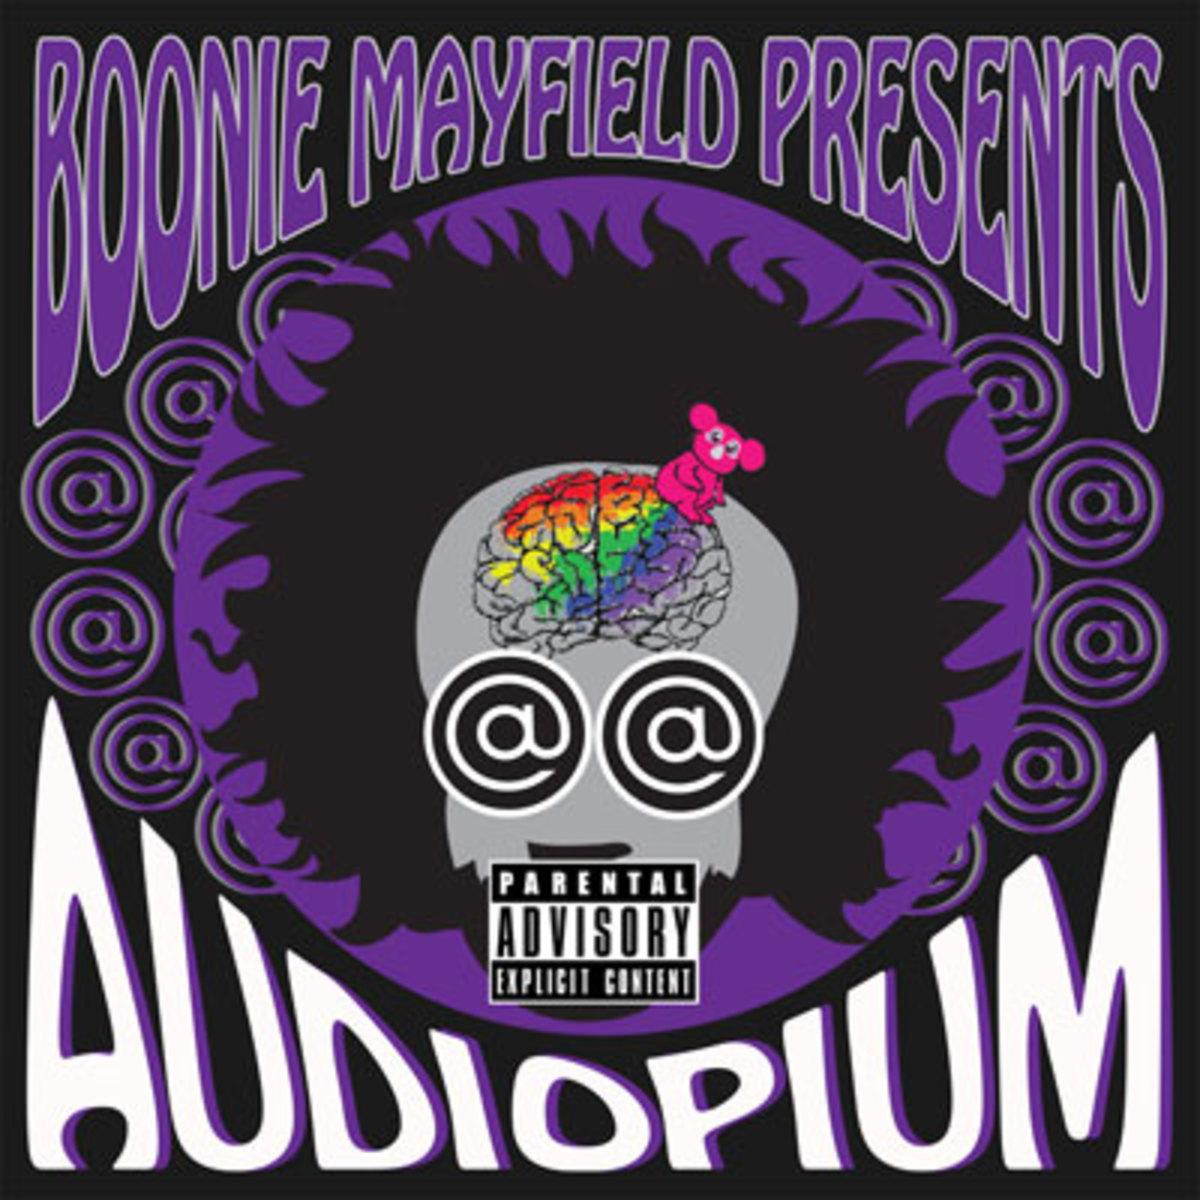 booniemayfieldpre-audiopium.jpg